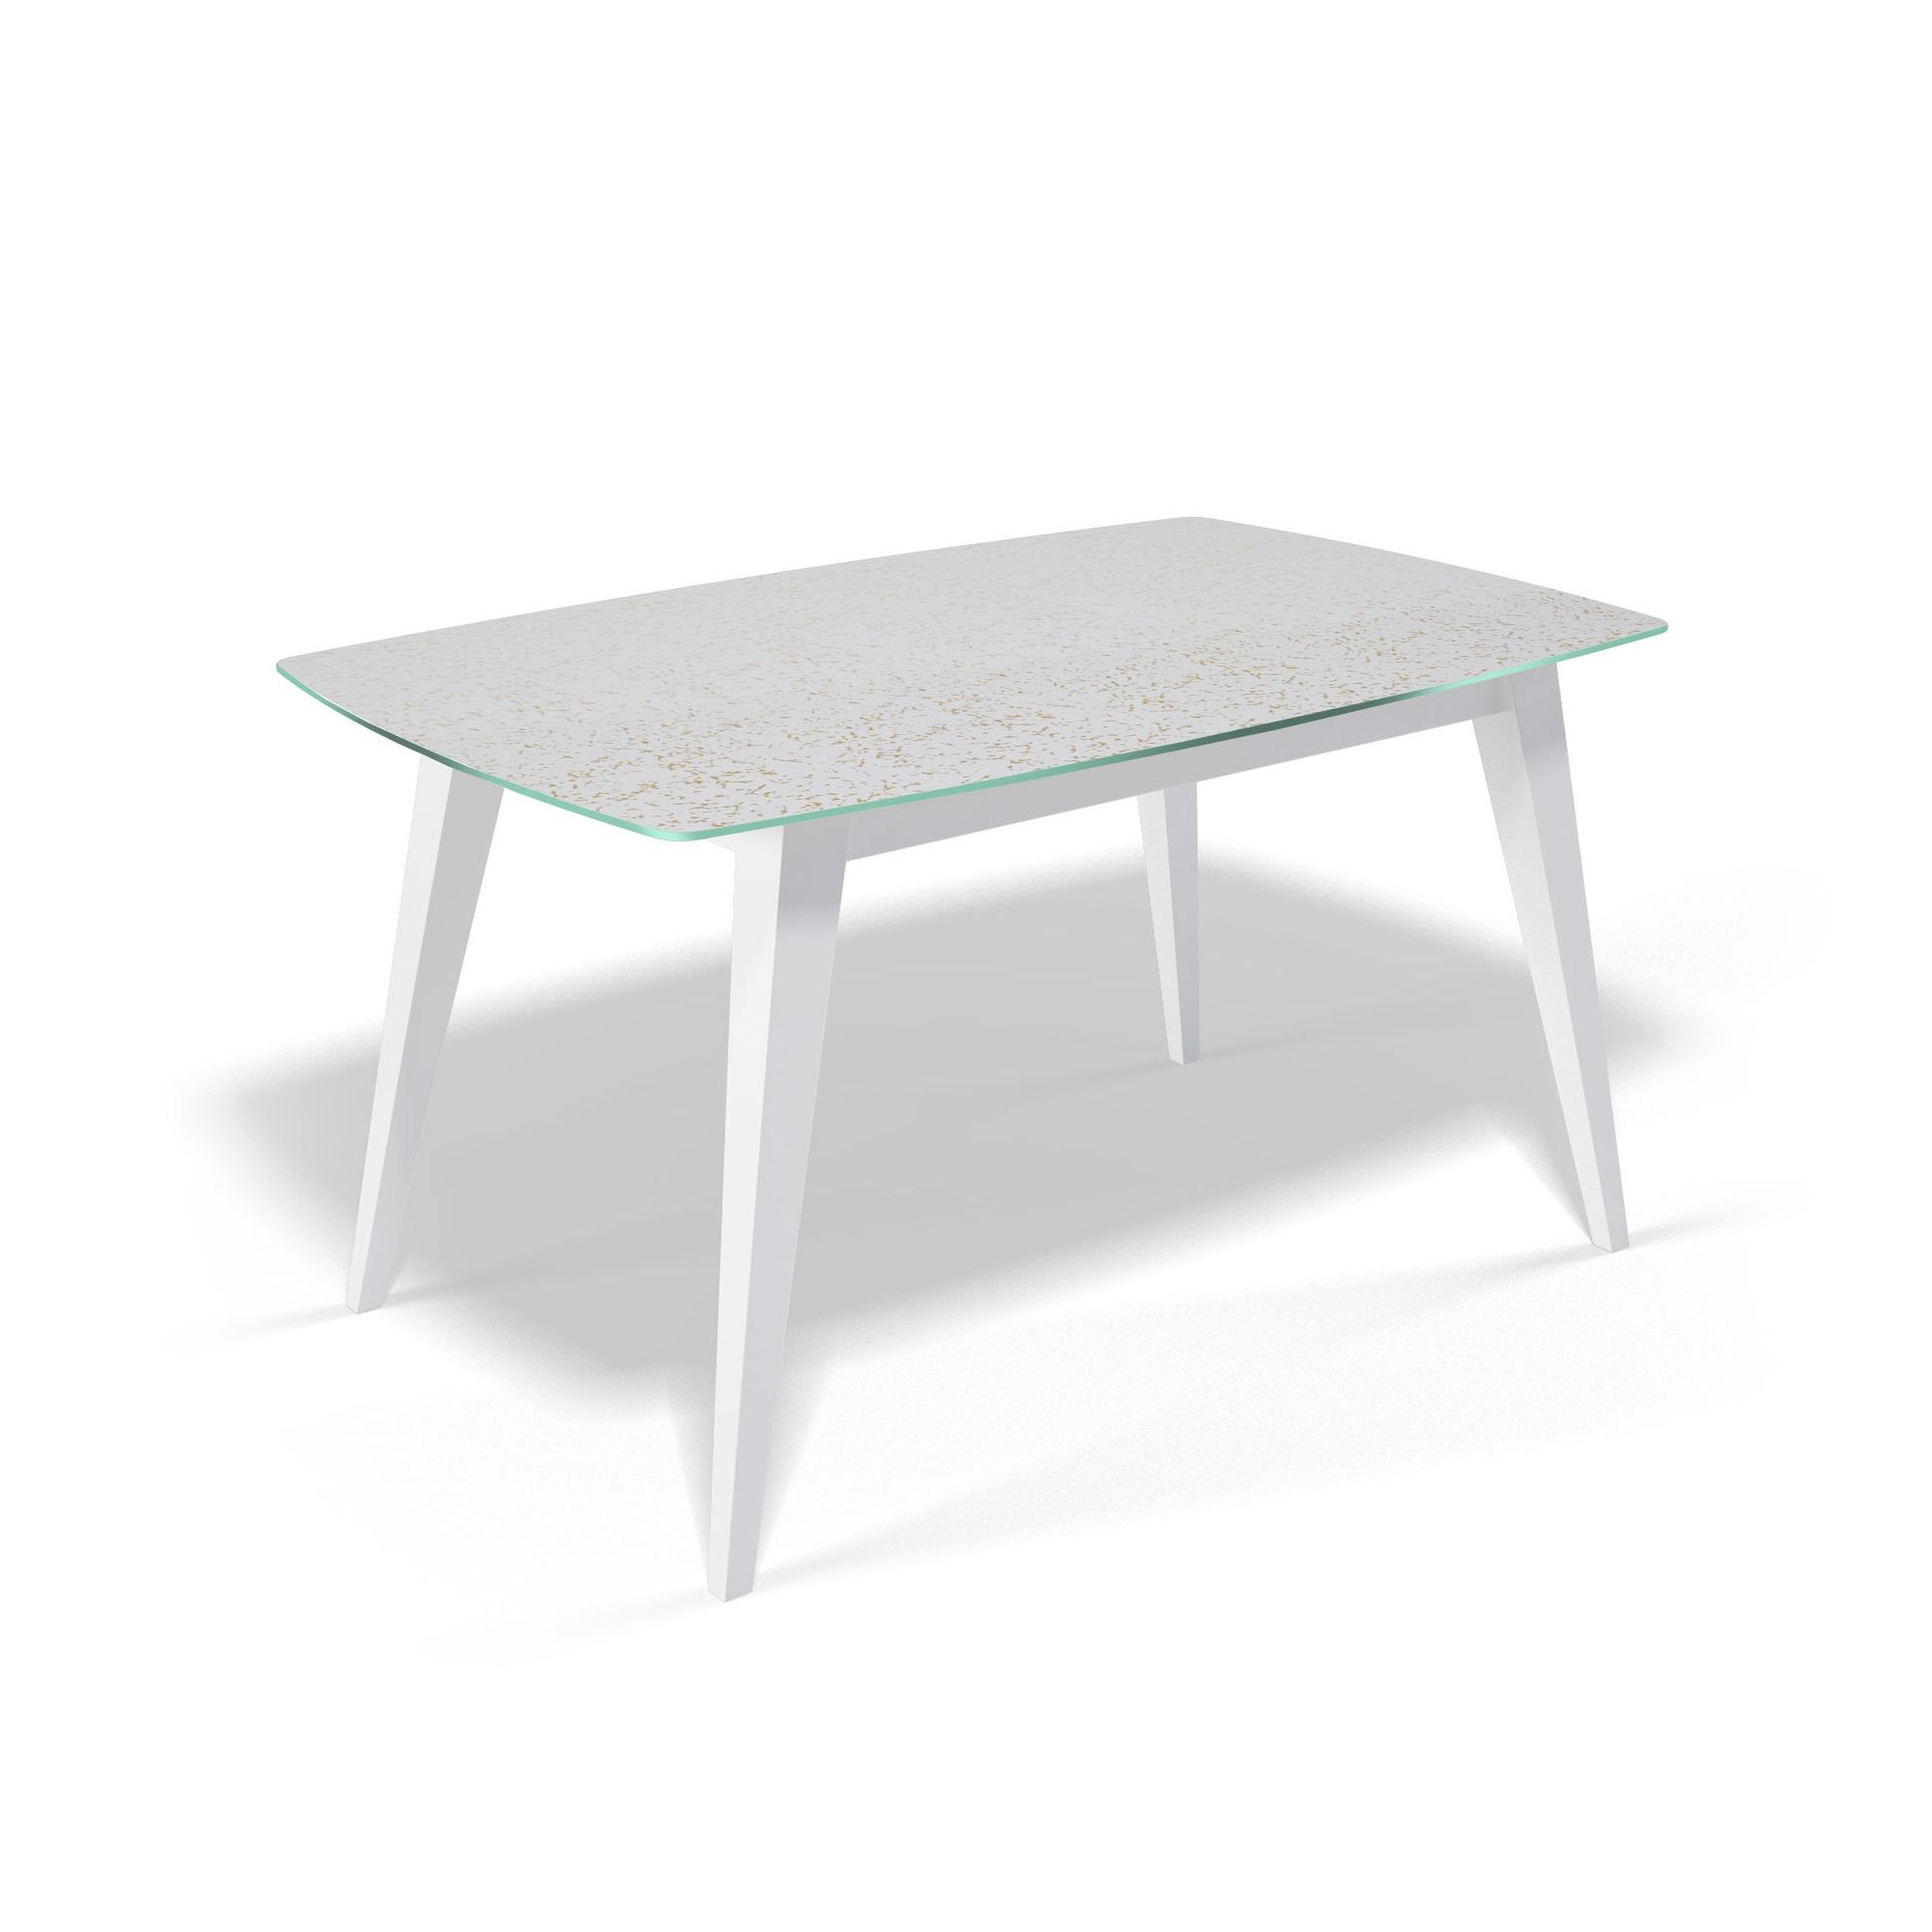 Стол обеденный KennerОбеденные столы<br>&amp;lt;div&amp;gt;Столешница выполнена из стекла &amp;quot;триплекс&amp;quot;(6 мм - два или более органических или силикатных стекла, склеенные между собой специальной полимерной плёнкой, способной при ударе удерживать осколки)  с тканью внутри.&amp;amp;nbsp;&amp;lt;div&amp;gt;Также используется органза с золотыми нитями, благодаря чему на столешнице не будут видны отпечатки пальцев и царапины.&amp;amp;nbsp;&amp;lt;div&amp;gt;Основание выполнено массива бука.&amp;amp;nbsp;&amp;lt;div&amp;gt;Стекло не боится влаги, бытовой химии, выдерживает перепады на горячие и холодные температуры.&amp;amp;nbsp;&amp;lt;div&amp;gt;За столом могут свободно разместиться 6 человек.&amp;lt;/div&amp;gt;&amp;lt;/div&amp;gt;&amp;lt;/div&amp;gt;&amp;lt;/div&amp;gt;&amp;lt;/div&amp;gt;<br><br>Material: Стекло<br>Ширина см: 140<br>Высота см: 76<br>Глубина см: 90